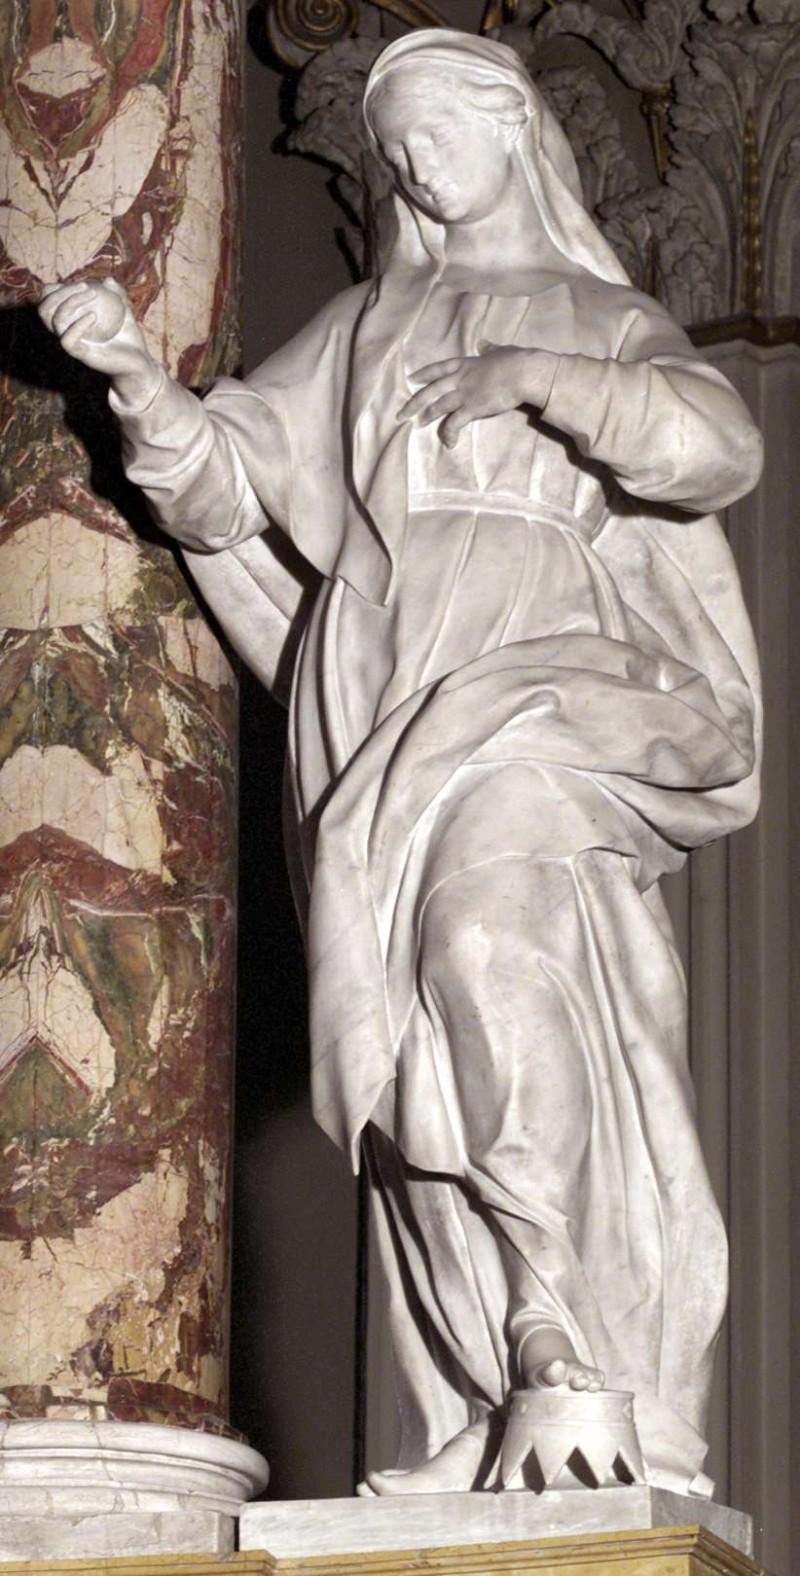 Calegari G. (1786), Allegoria dell'Umiltà